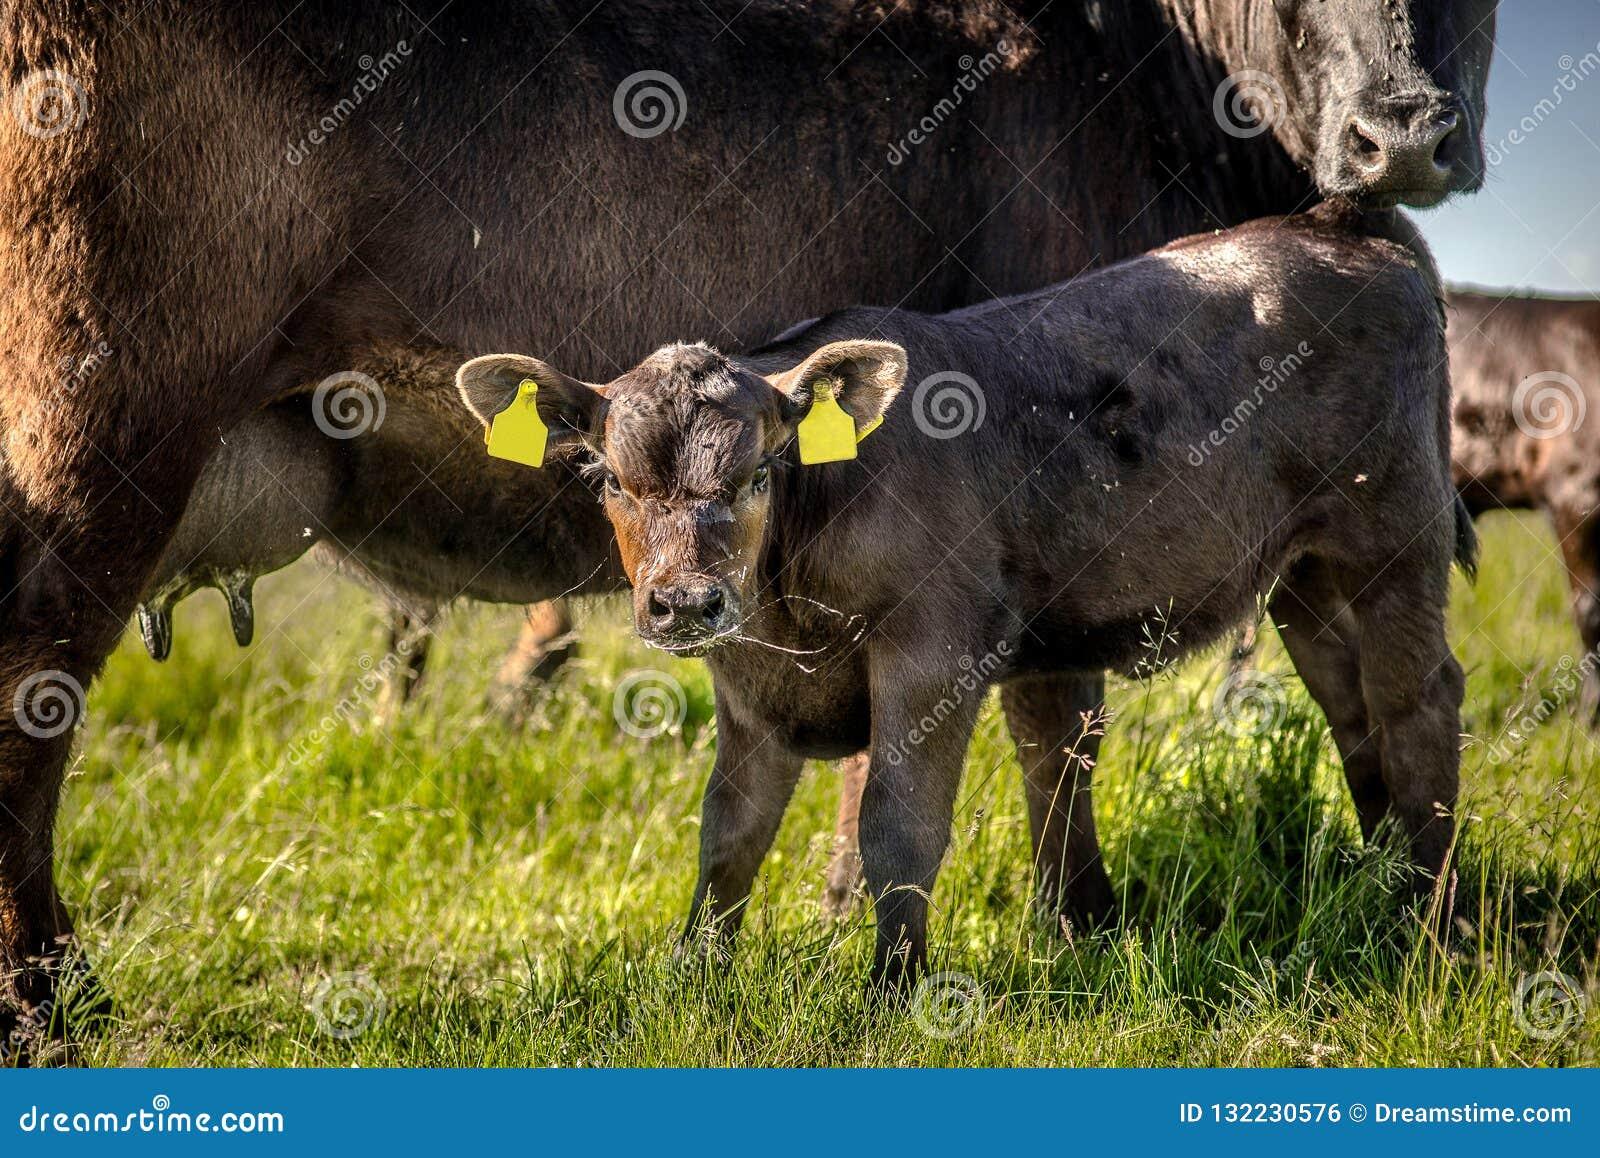 雍黑色吮牛奶和飞溅口水的安格斯小牛在草在好日子